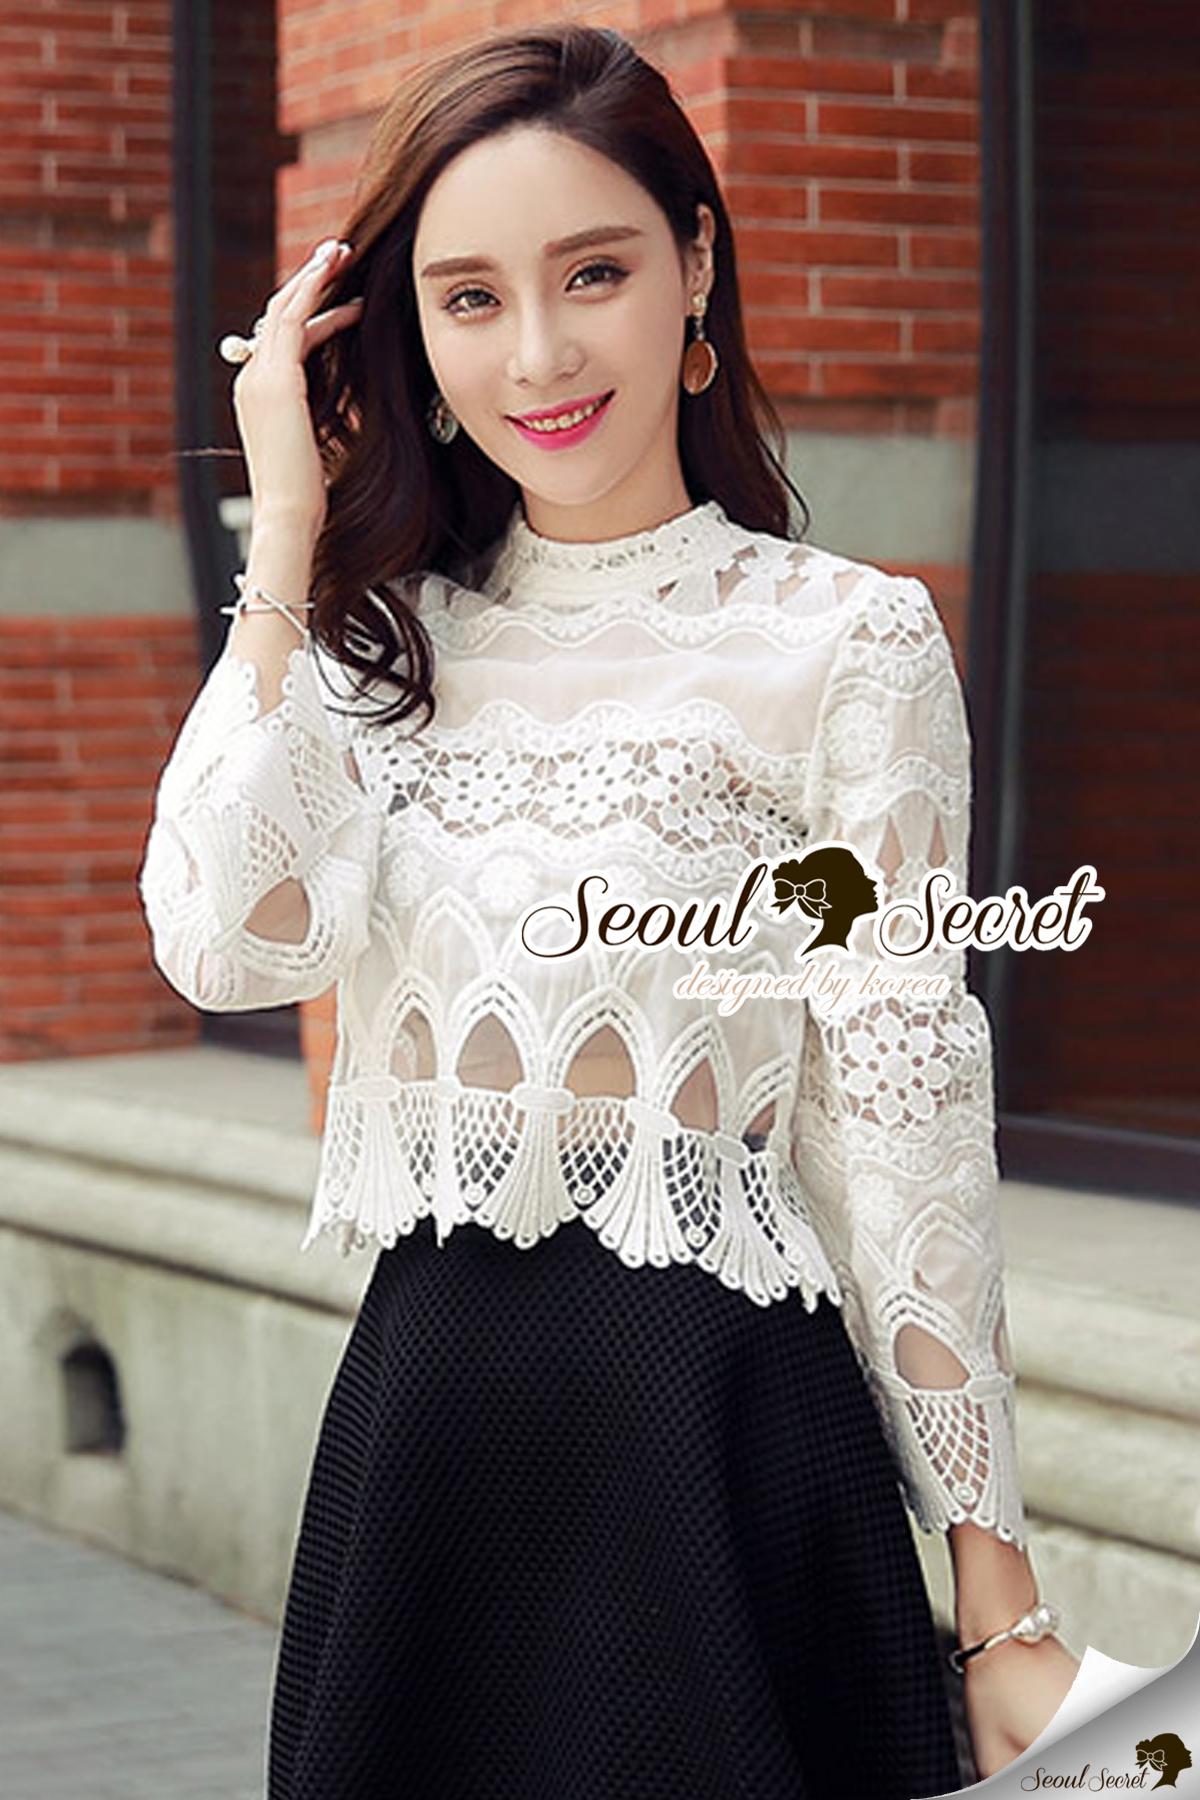 Seoul Secret Say's .... Princess Ivora Lace Blouse Material : สวยหวานสไตล์สาวผู้ดีด้วยทรงเสื้อแขนบาน ทรงสวยใส่แล้วดูไฮ เนื้อผ้าสวยดูดีด้วยเนื้อผ้าลูกไม้ปักและฉลุลายทั้งตัว ลายผสมผสานระหว่างความหวานของดอกไม้และลายสไตล์สาวรีโทรแบบผู้ดี สาวๆ แมตซ์กับกาง